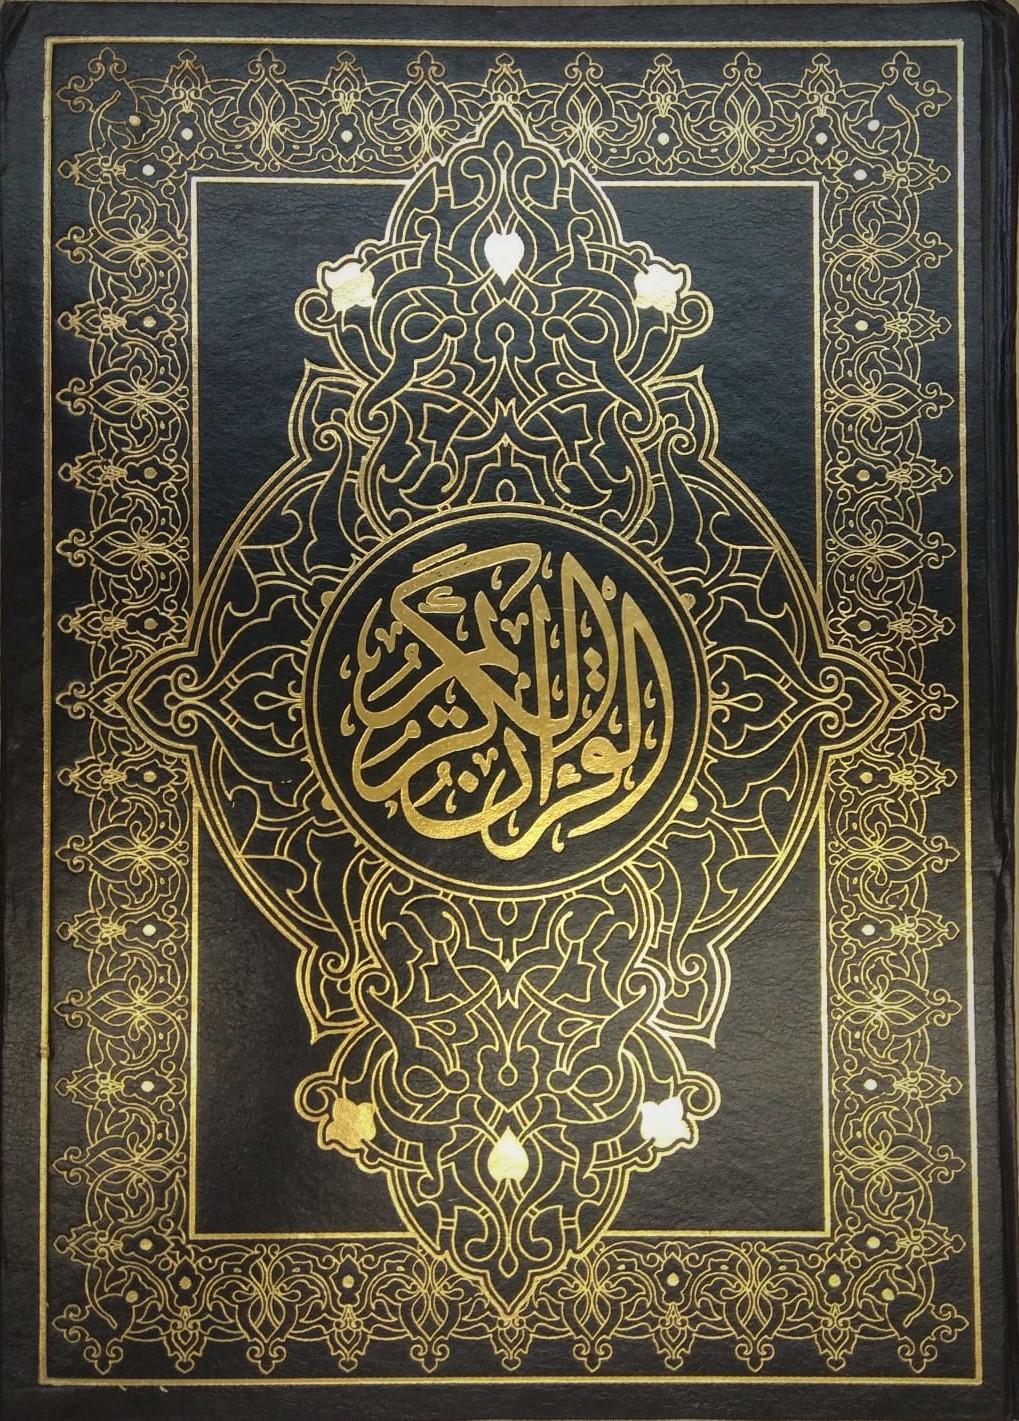 """קוראן מפואר בערבית - תוצרת מצרים גודל ענק  34 על 24 ס""""מ"""